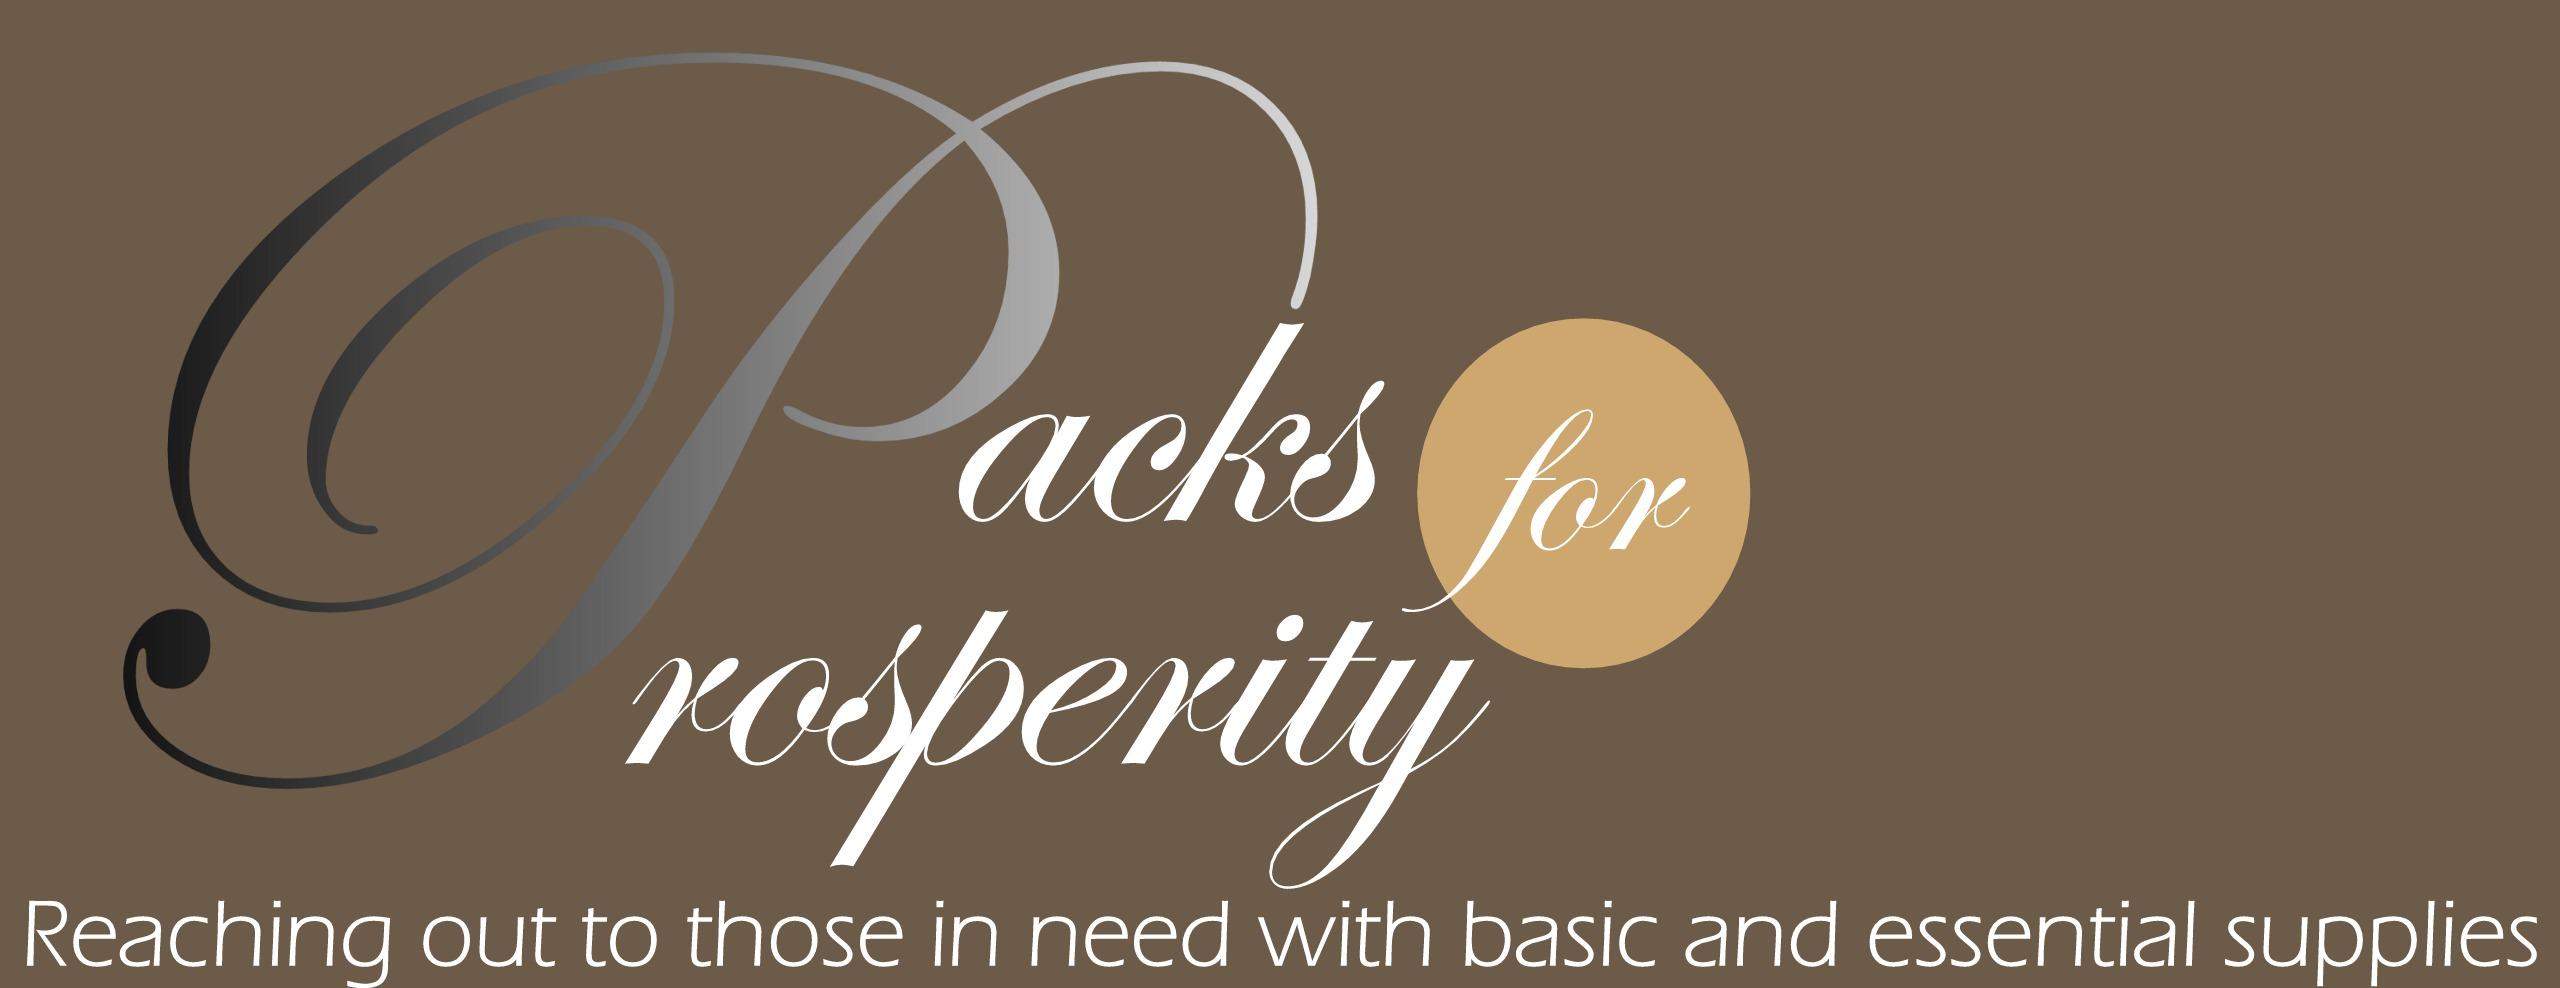 Packs for Prosperity